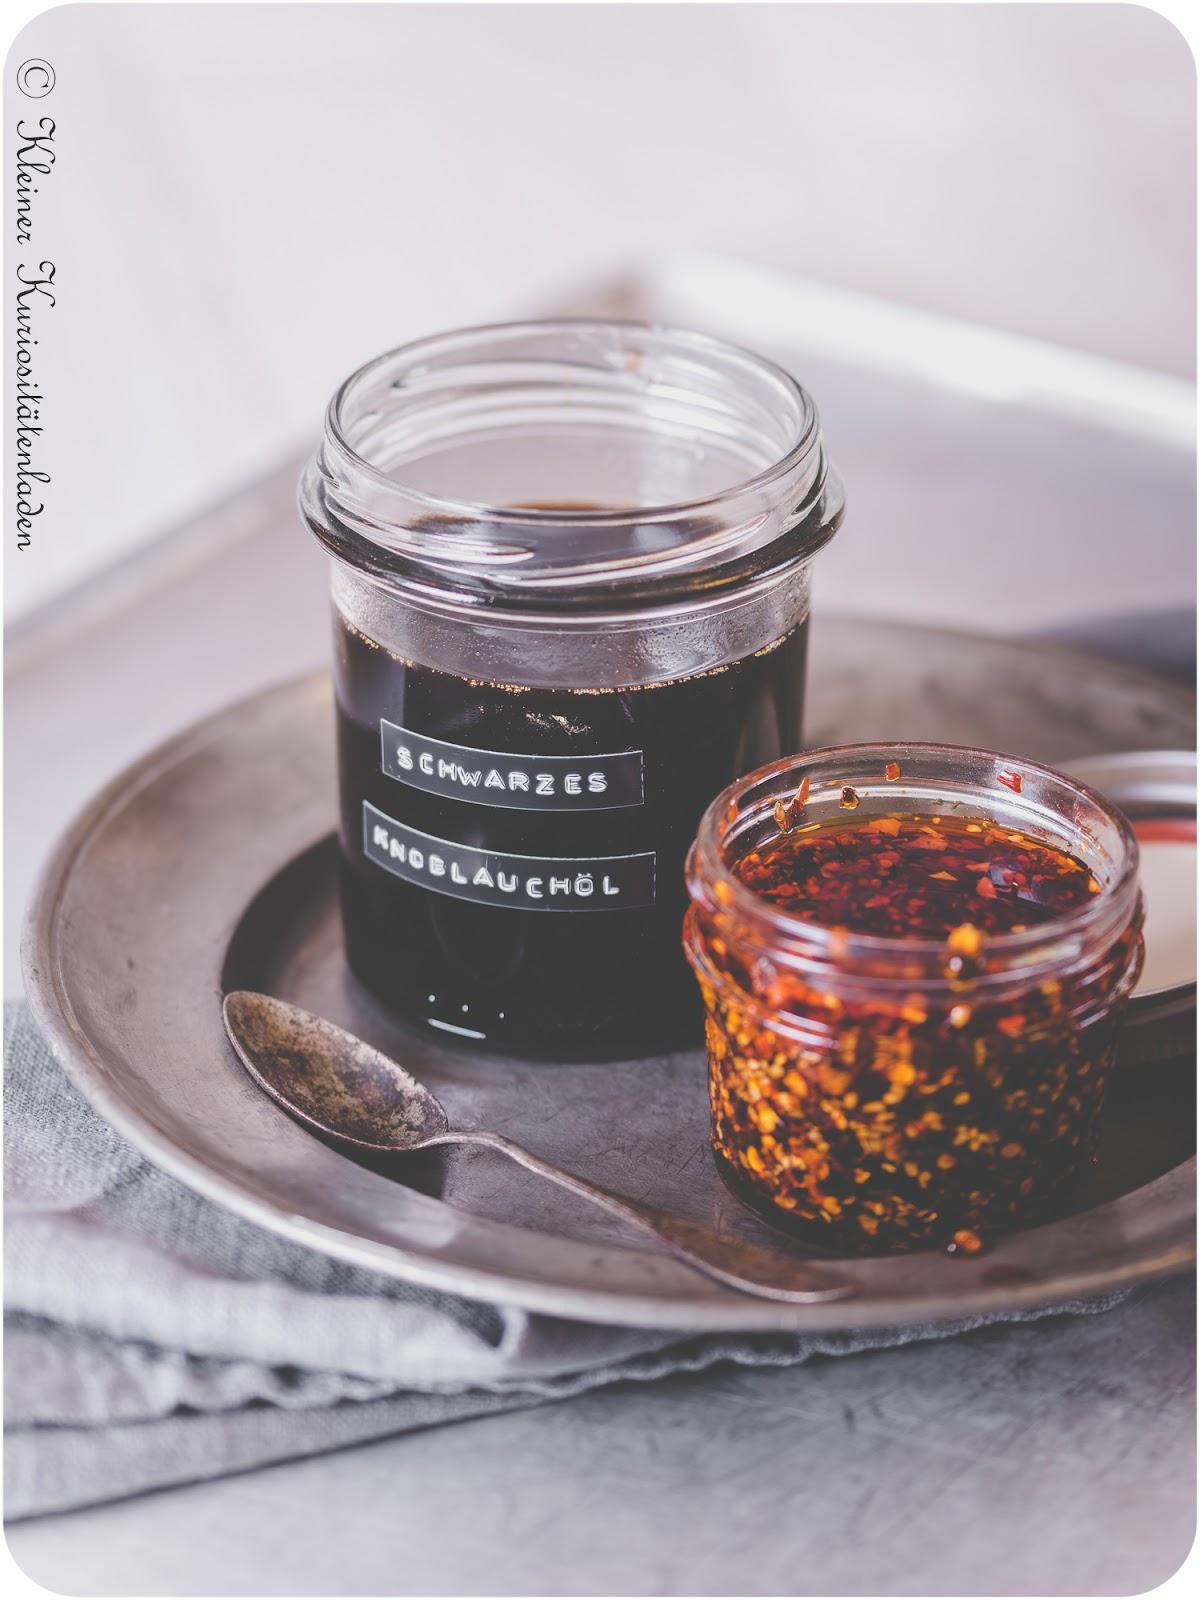 Schwarzes Knoblauch-Öl & Sichuan-Chili-Öl